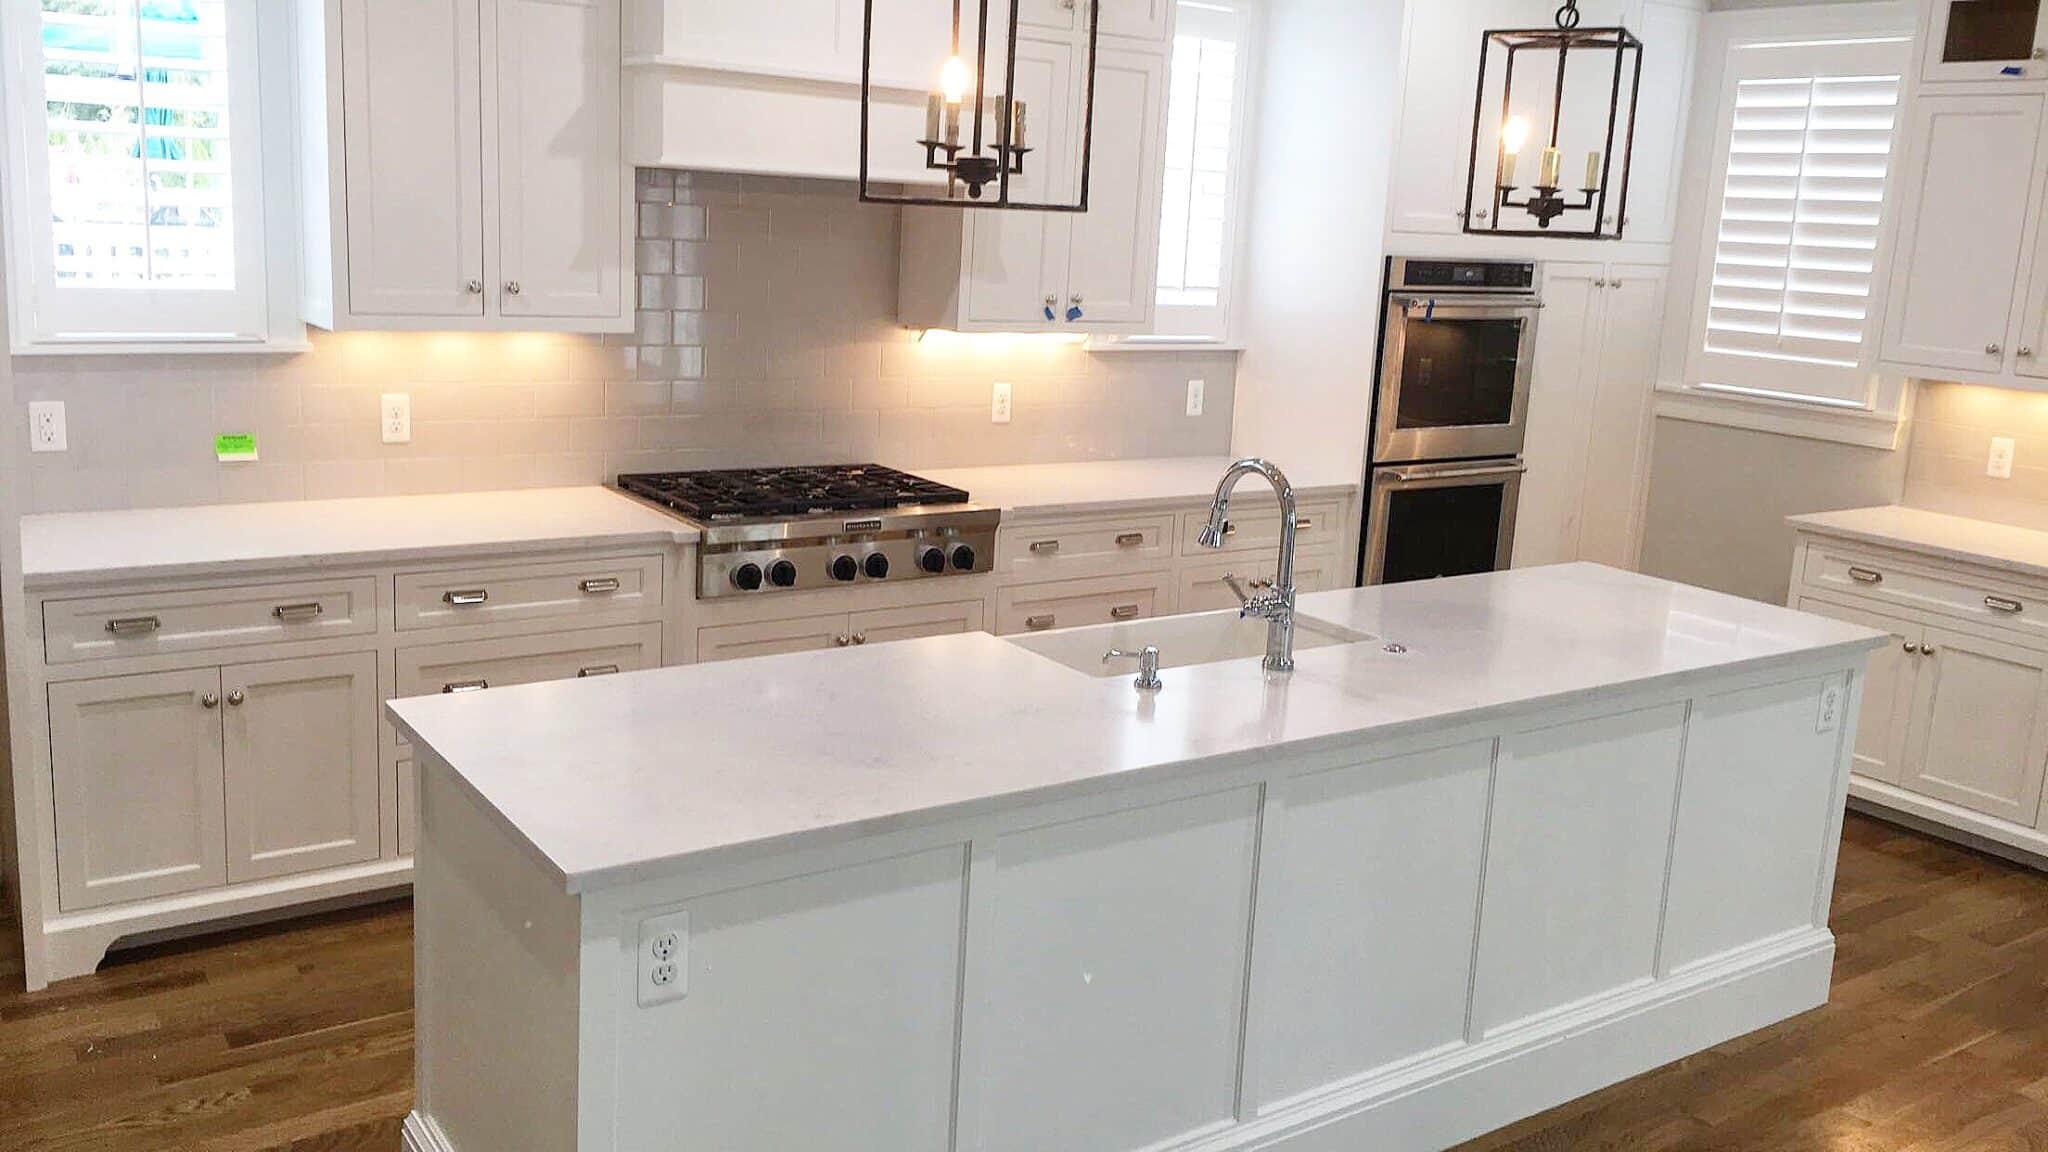 custom kitchen countertops in Atlanta